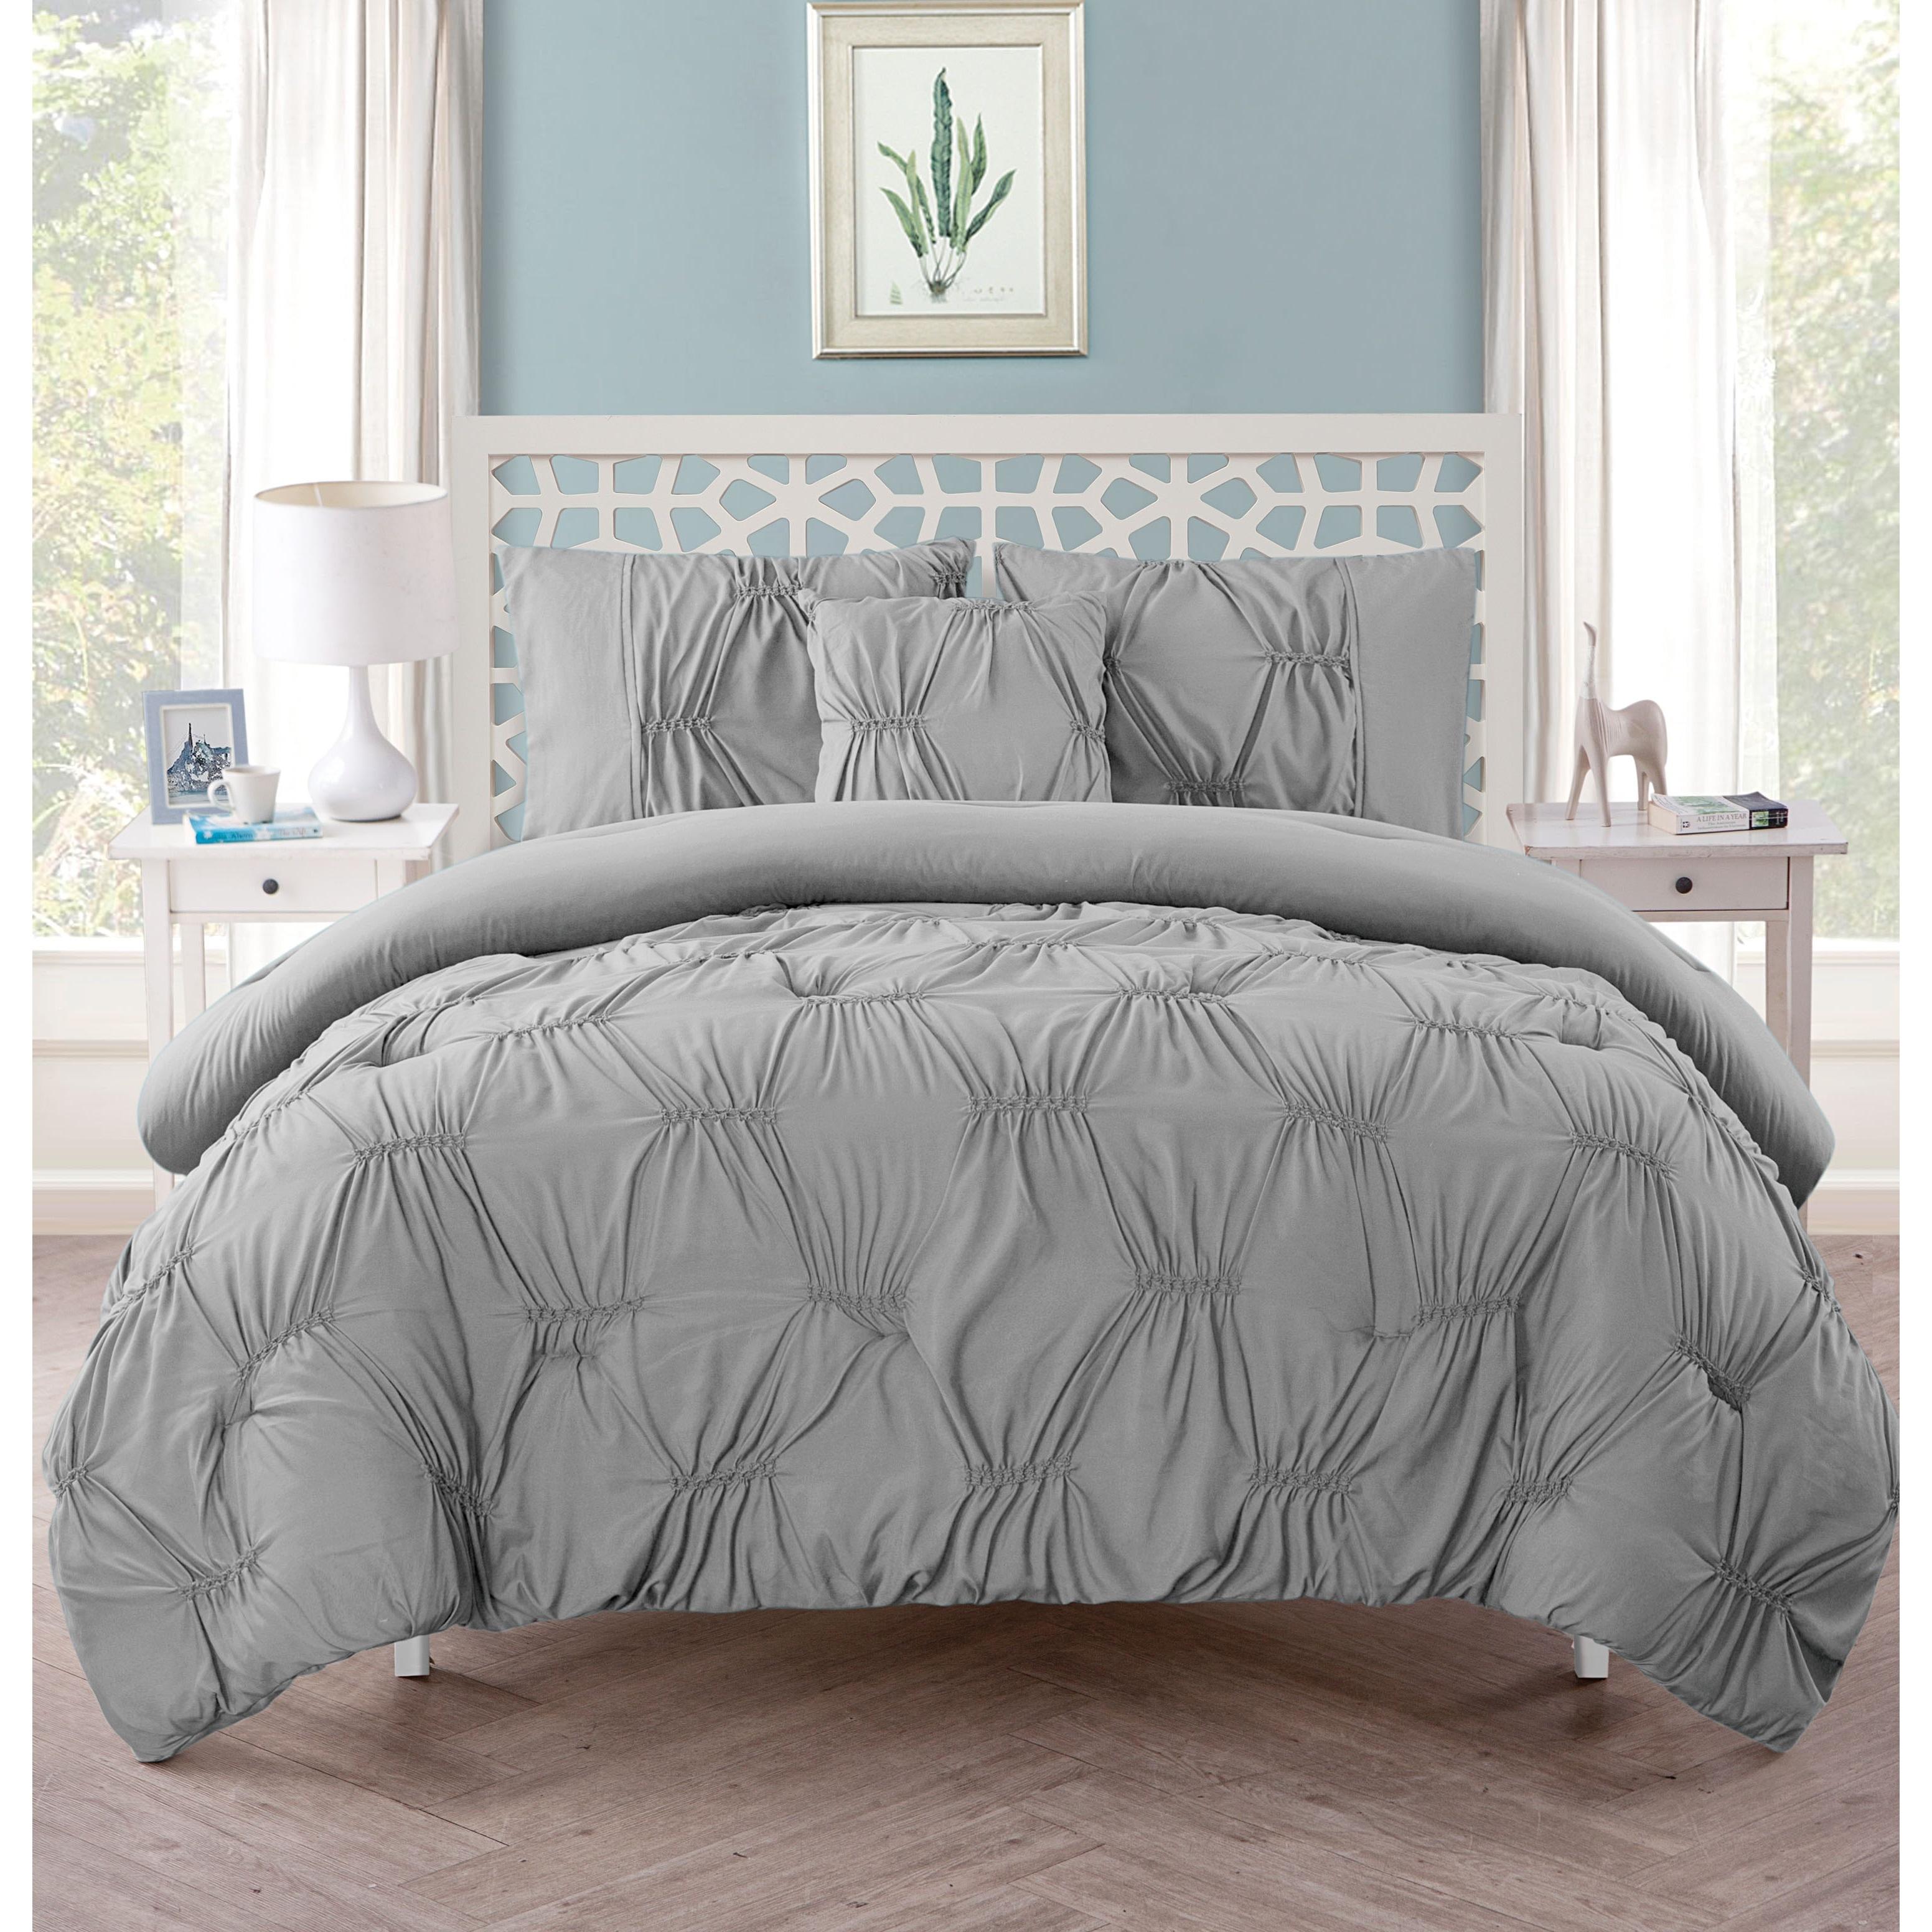 linens reversible comforter waterford pin darcy set bedroom linen